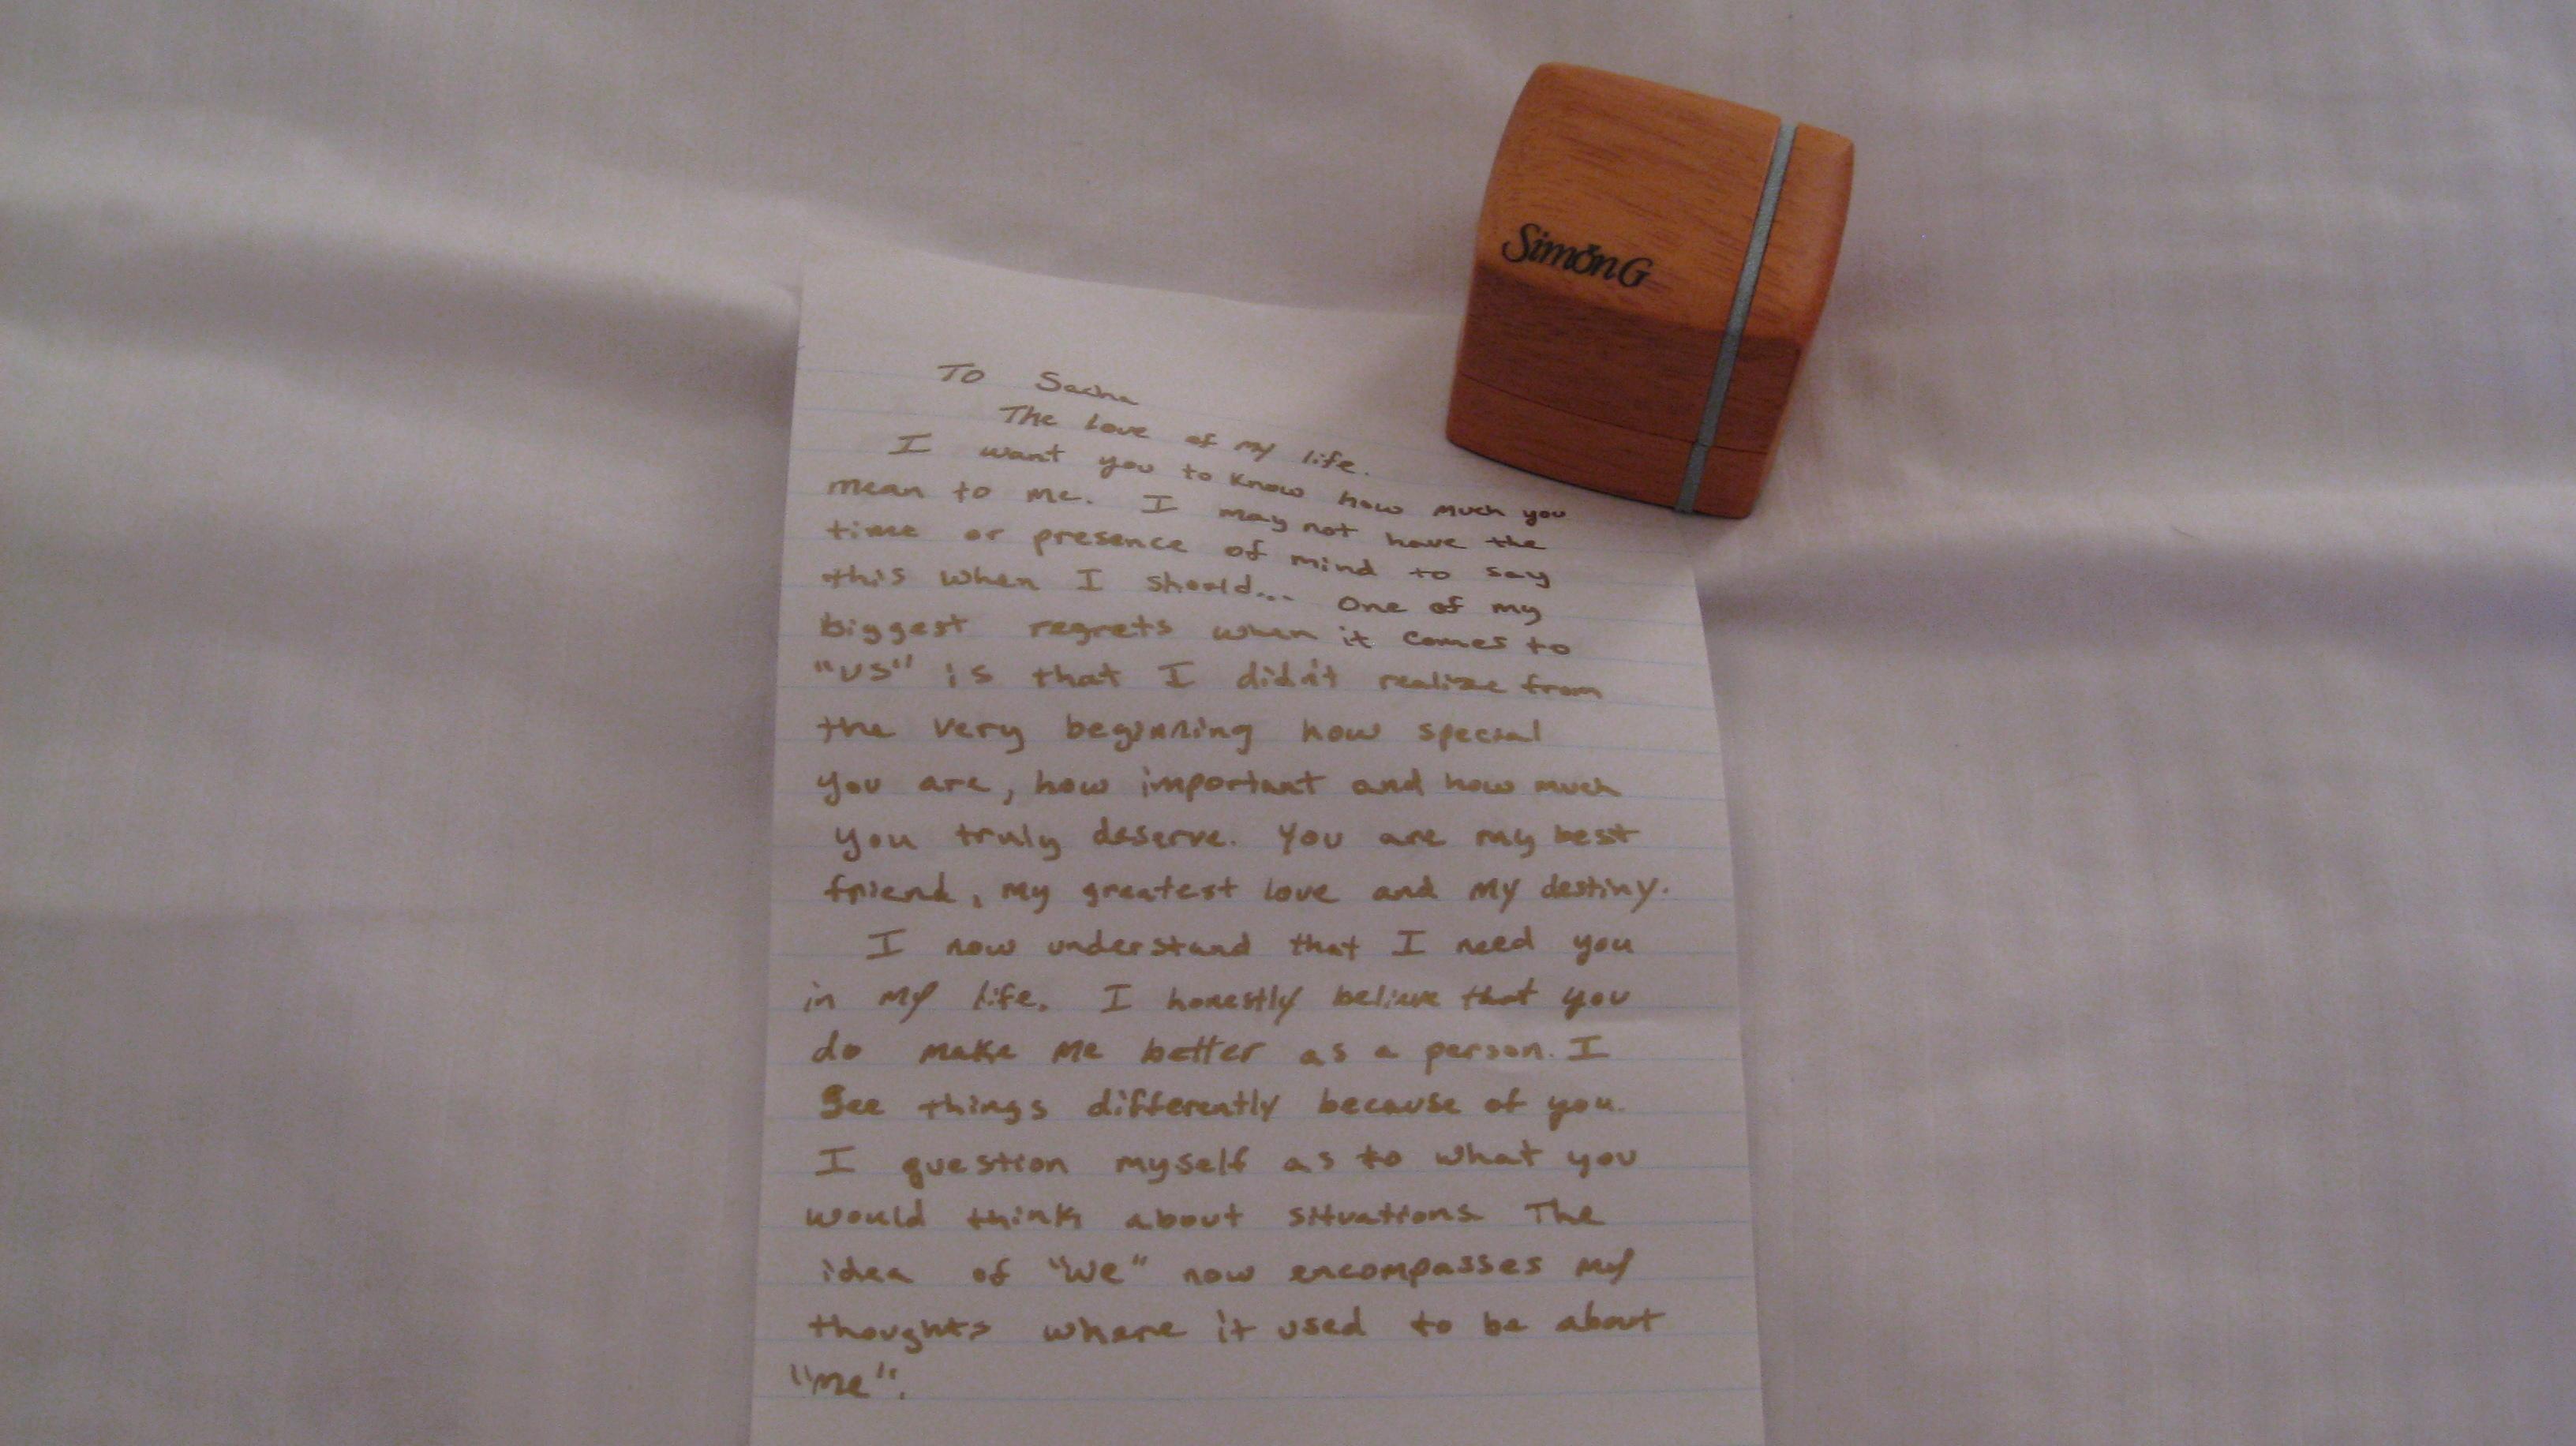 Ring, Proposal